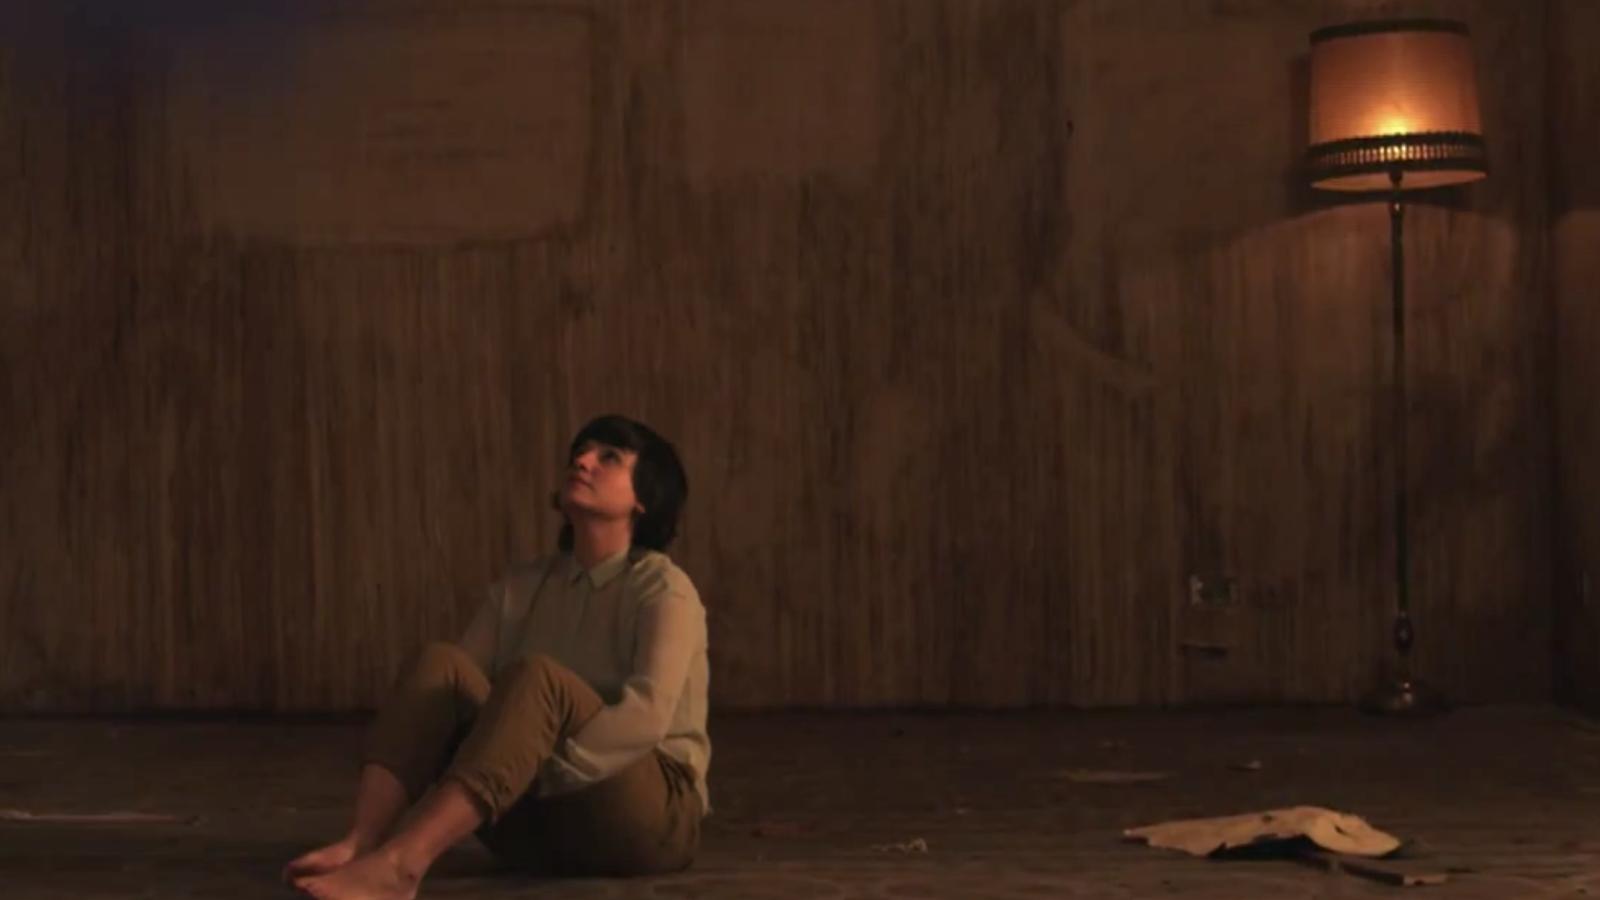 Joana Serrat estrena el videoclip de 'Sharing wine (a summer tale)'